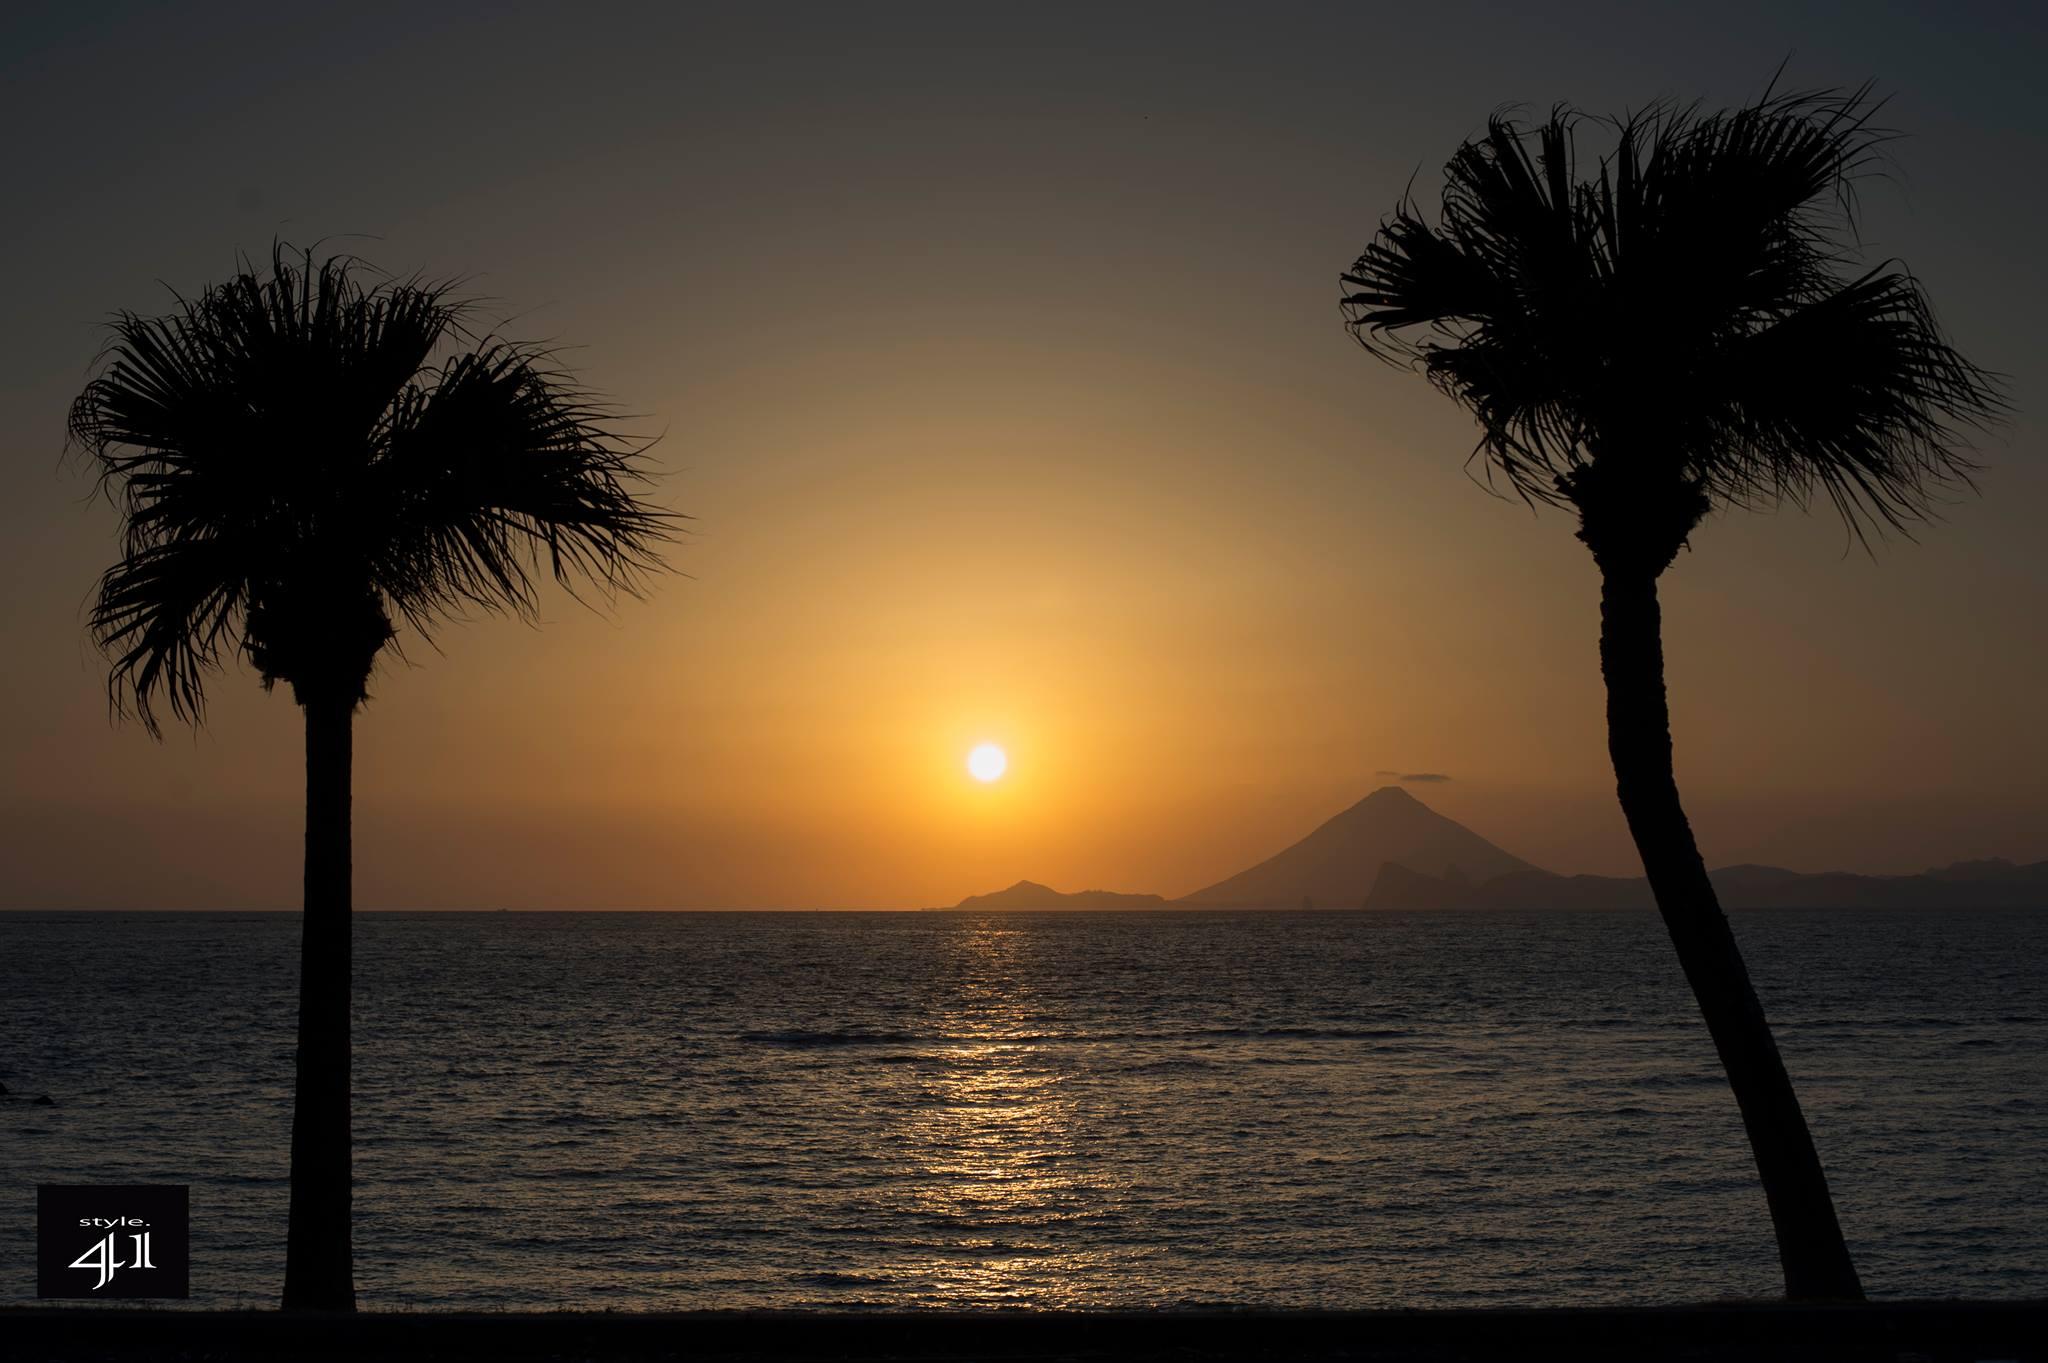 鹿児島,夕焼け,サンセット,ビーチ,sunset,beach